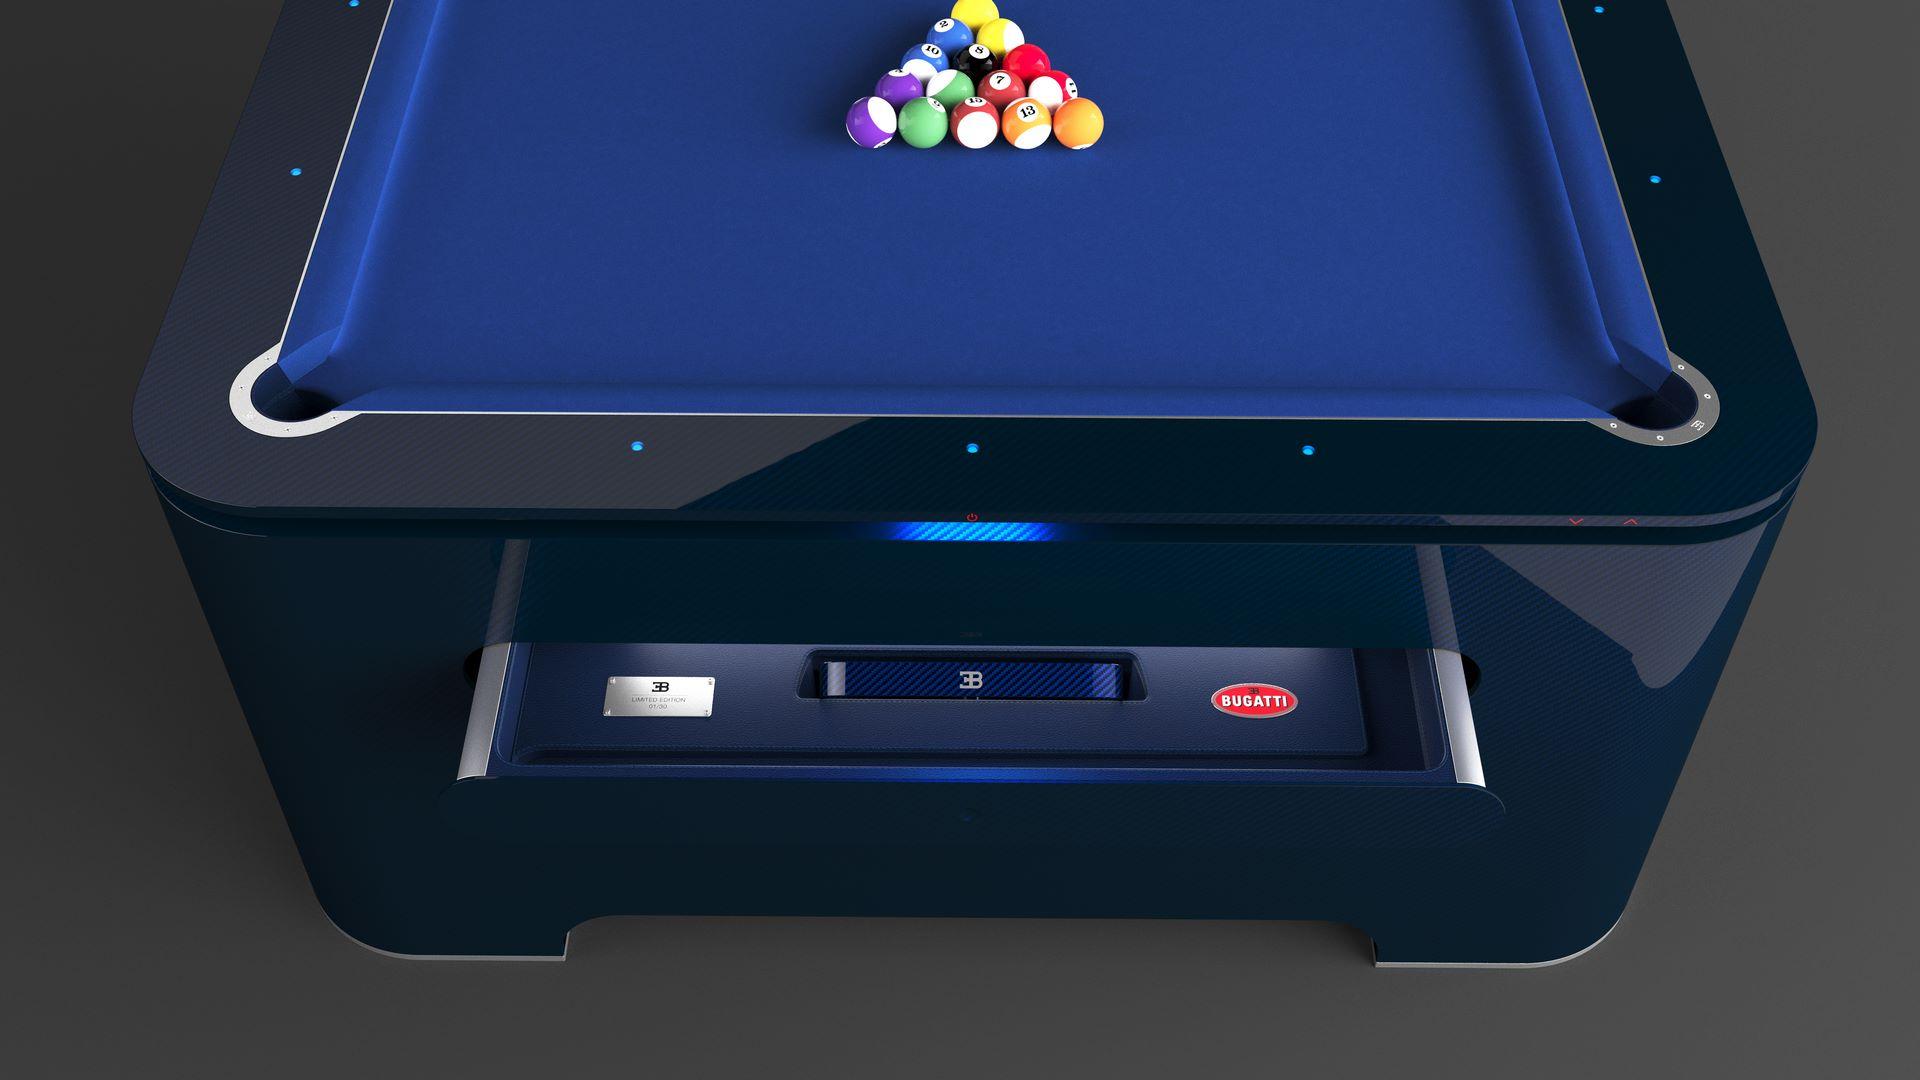 Bugatti-pool-table-4